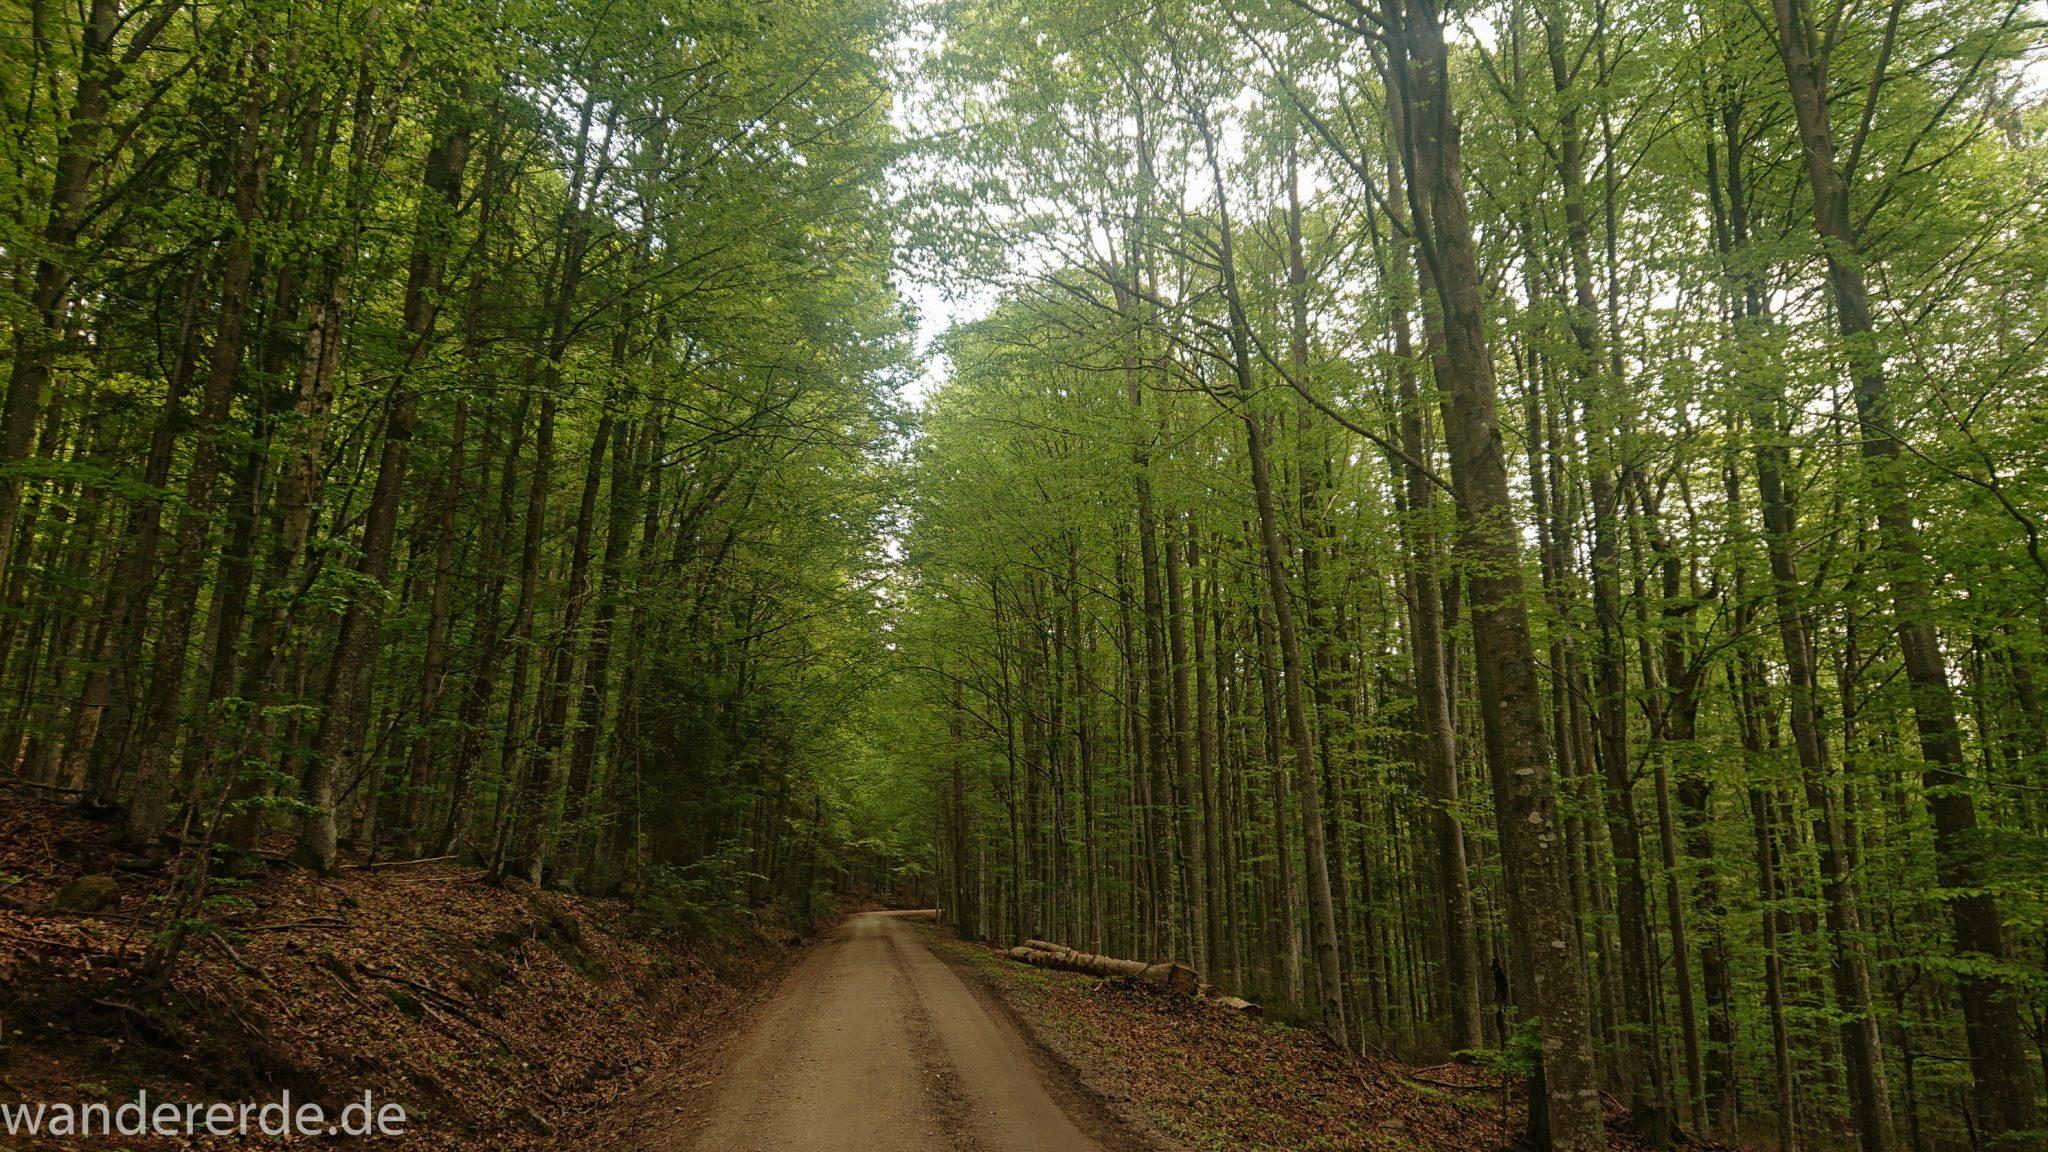 Rundwanderung zum Großen Falkenstein im Bayerischen Wald mit Start beim Zwieslerwaldhaus, breiterer Weg, der vom Zwieslerwaldhaus in den bayerischen Wald führt, schöner, dichter Laubwald